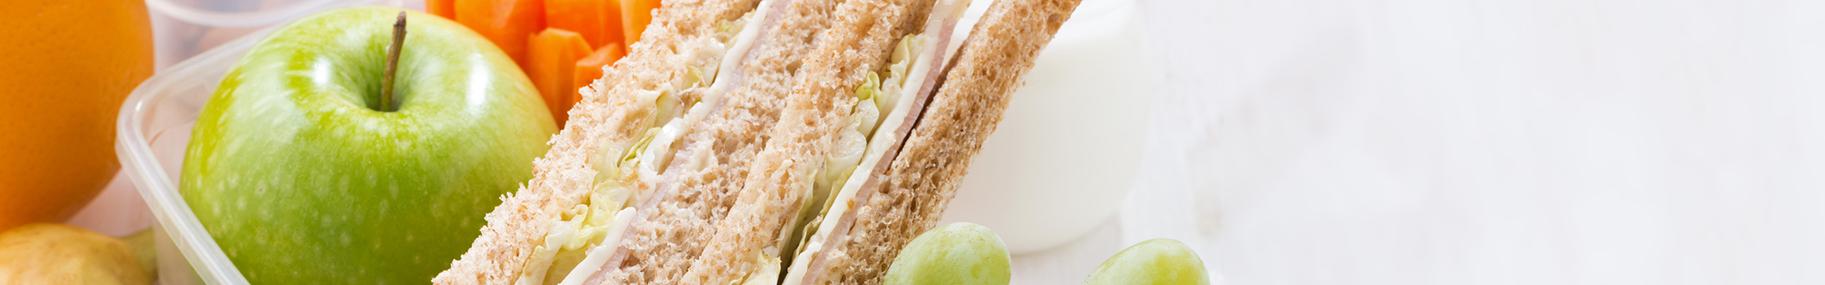 voeding lunch gezond werk